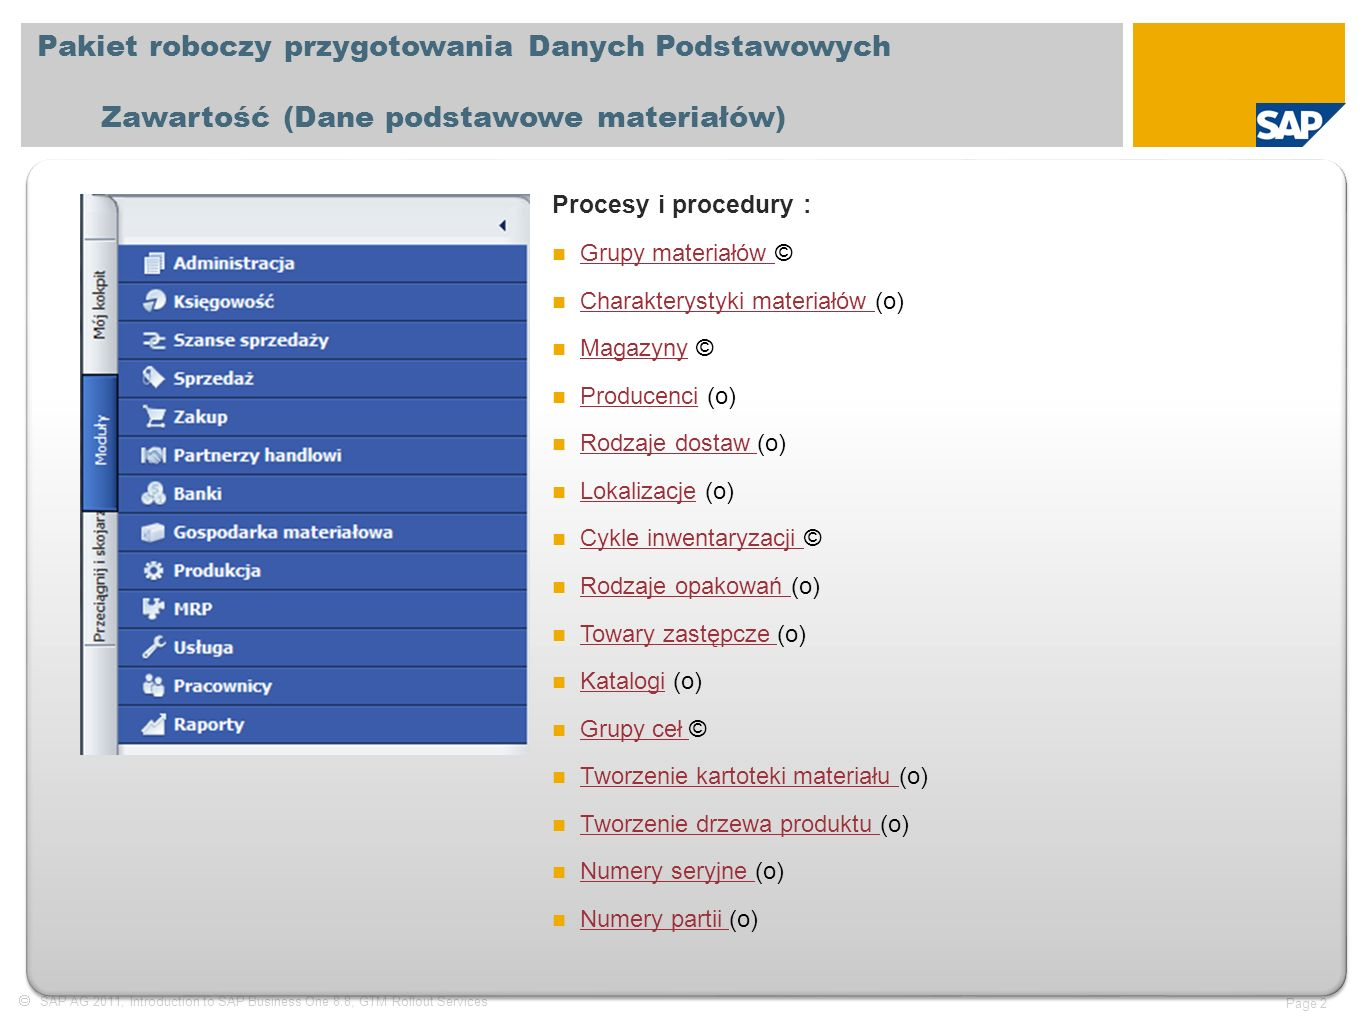  SAP AG 2011, Introduction to SAP Business One 8.8, GTM Rollout Services Page 3 Pakiet roboczy przygotowania Danych Podstawowych Zawartość (Obsługa cenników) Procesy i procedury : Cenniki © Cenniki Upusty © Upusty Koszty transportu © Koszty transportu Prowizje (o) Prowizje